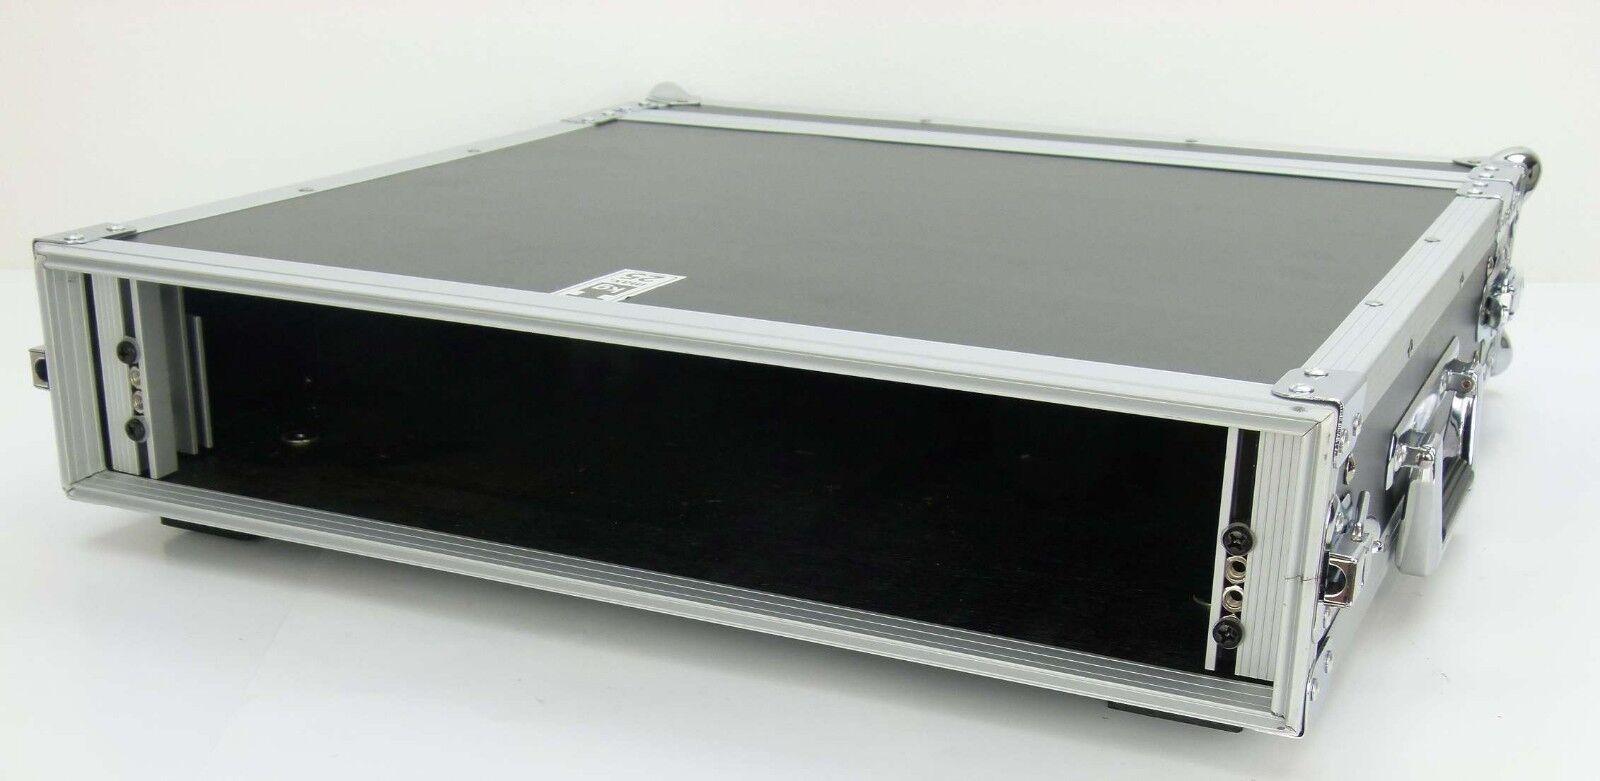 19  2 HE Verstärkerrack 47 cm tief Serverrack Endstufenrack Amprack Case Rack